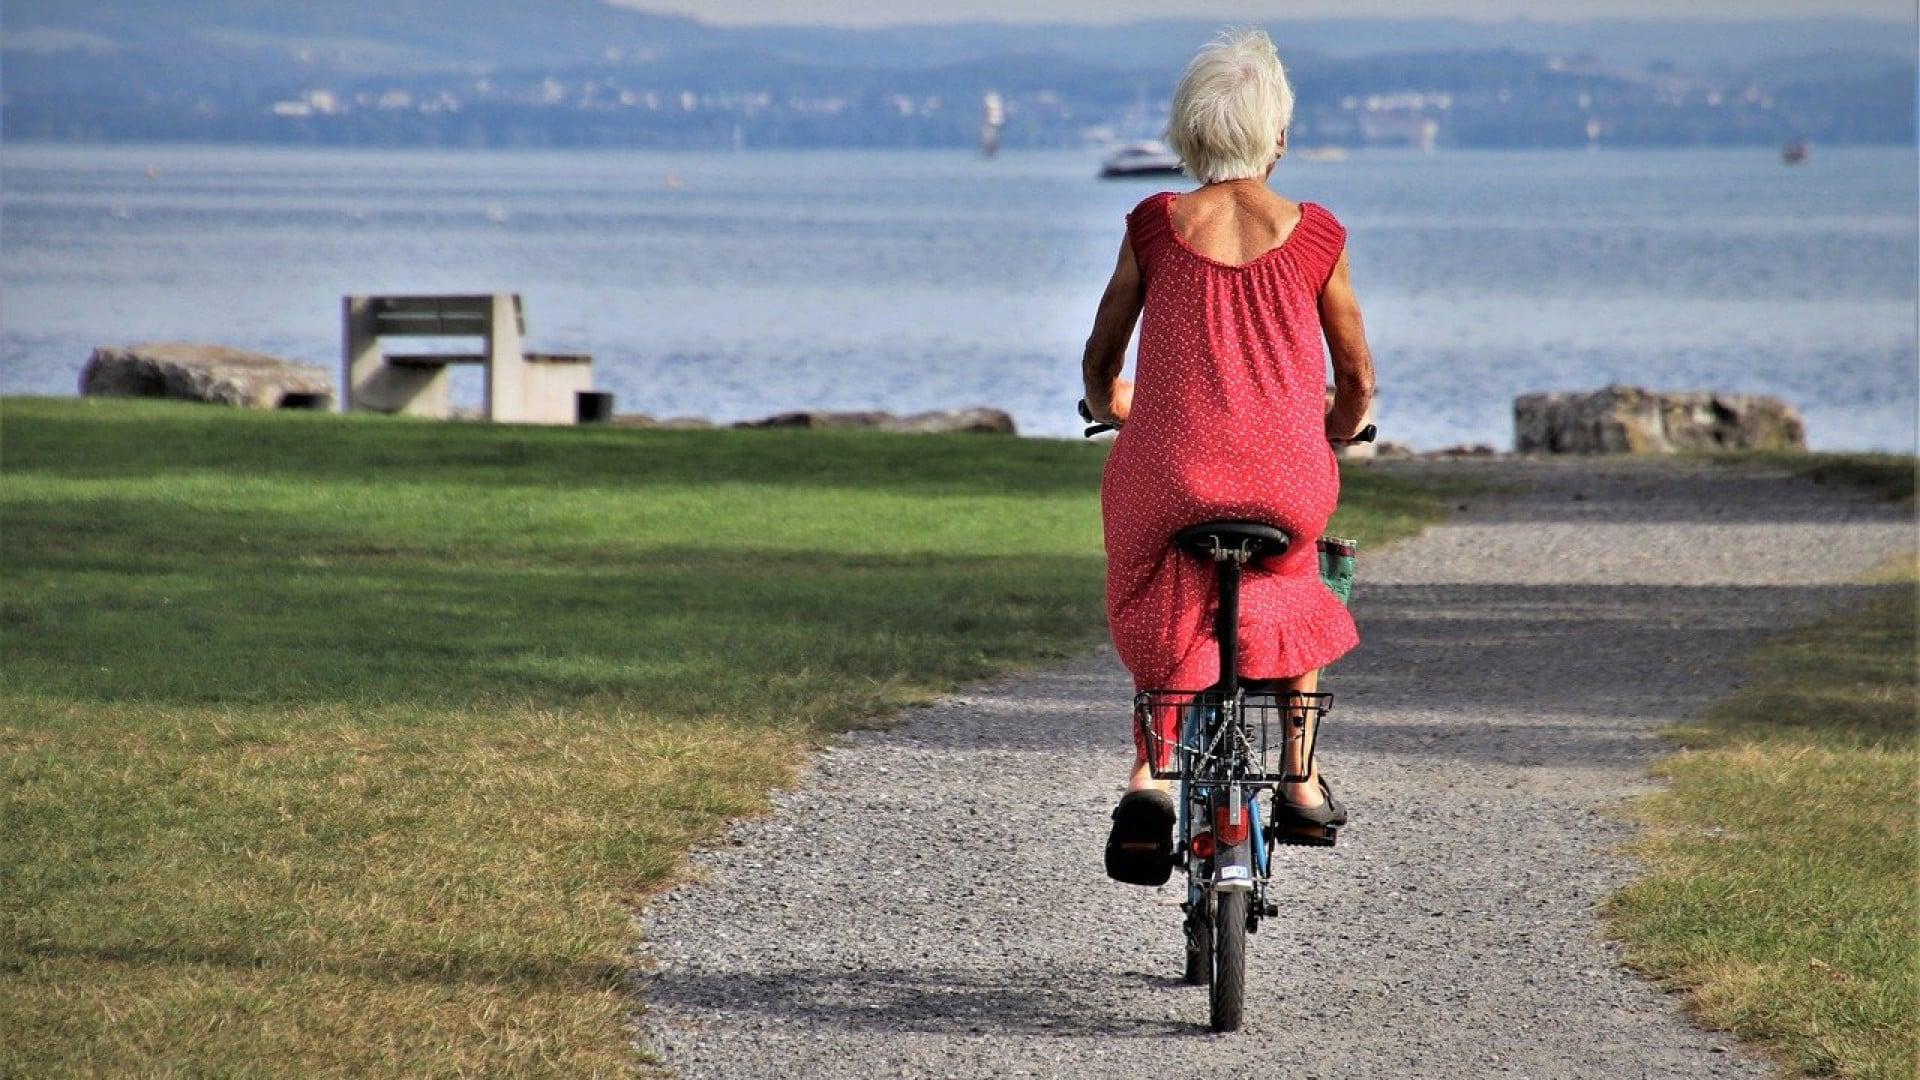 Le vélo : un mode de transport aux nombreux bienfaits